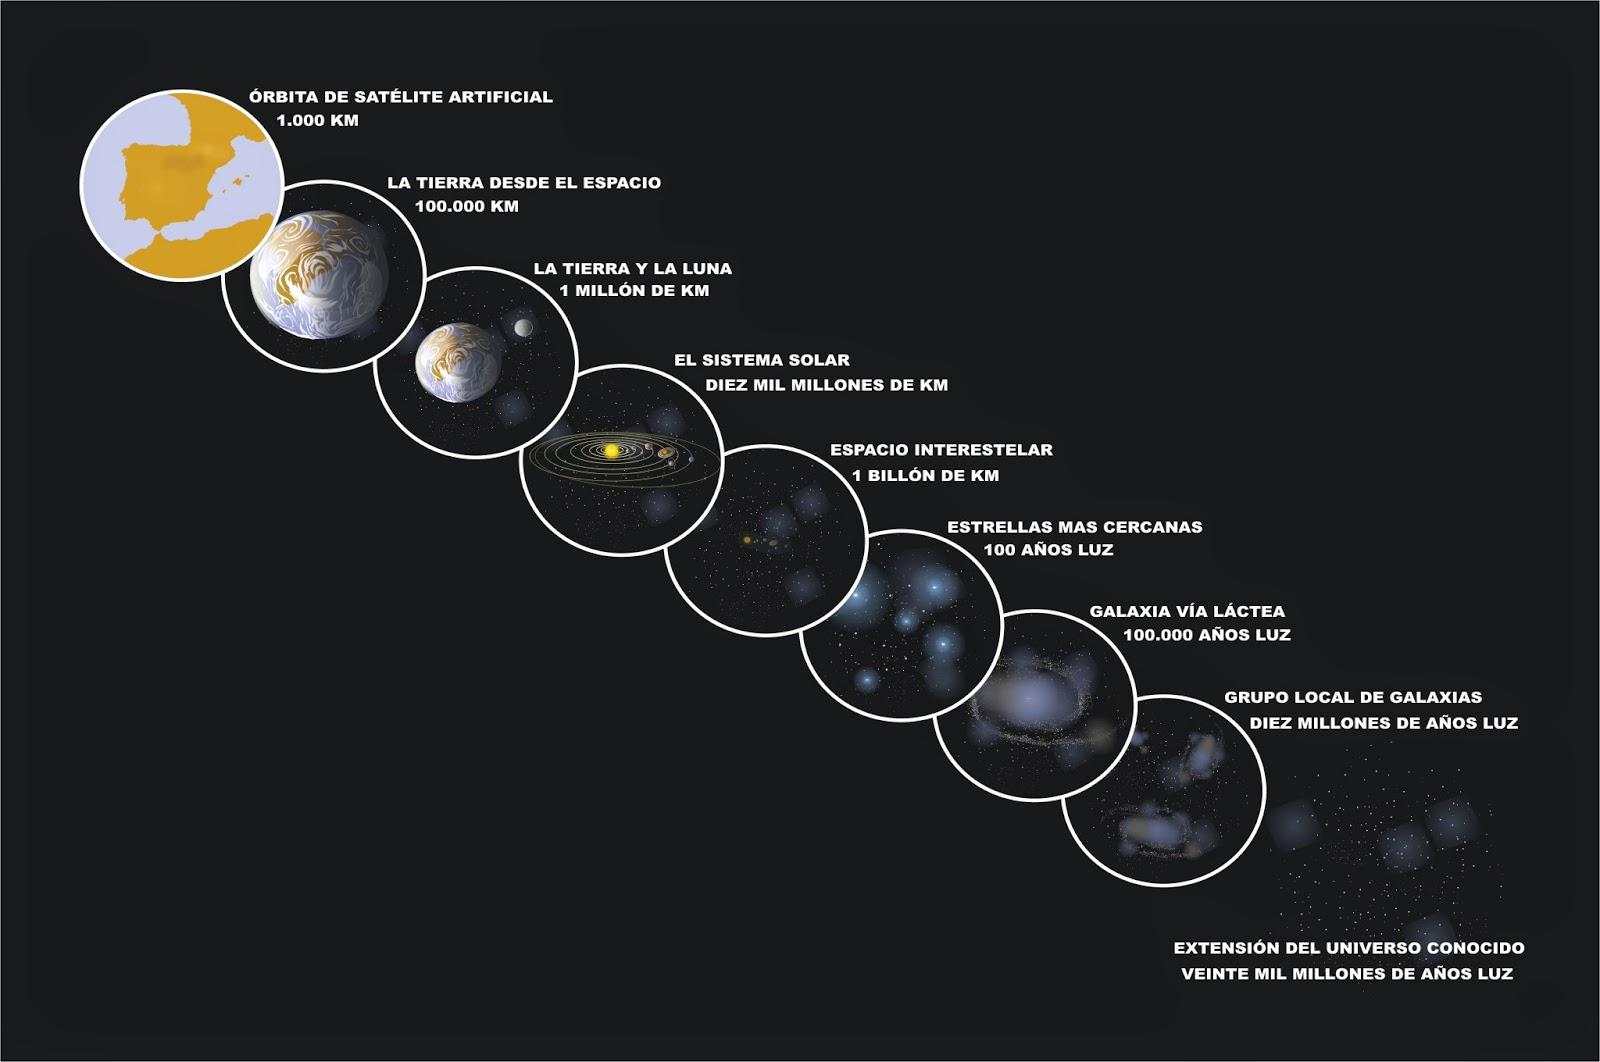 Profesor de Historia, Geografía y Arte: La Tierra en el universo